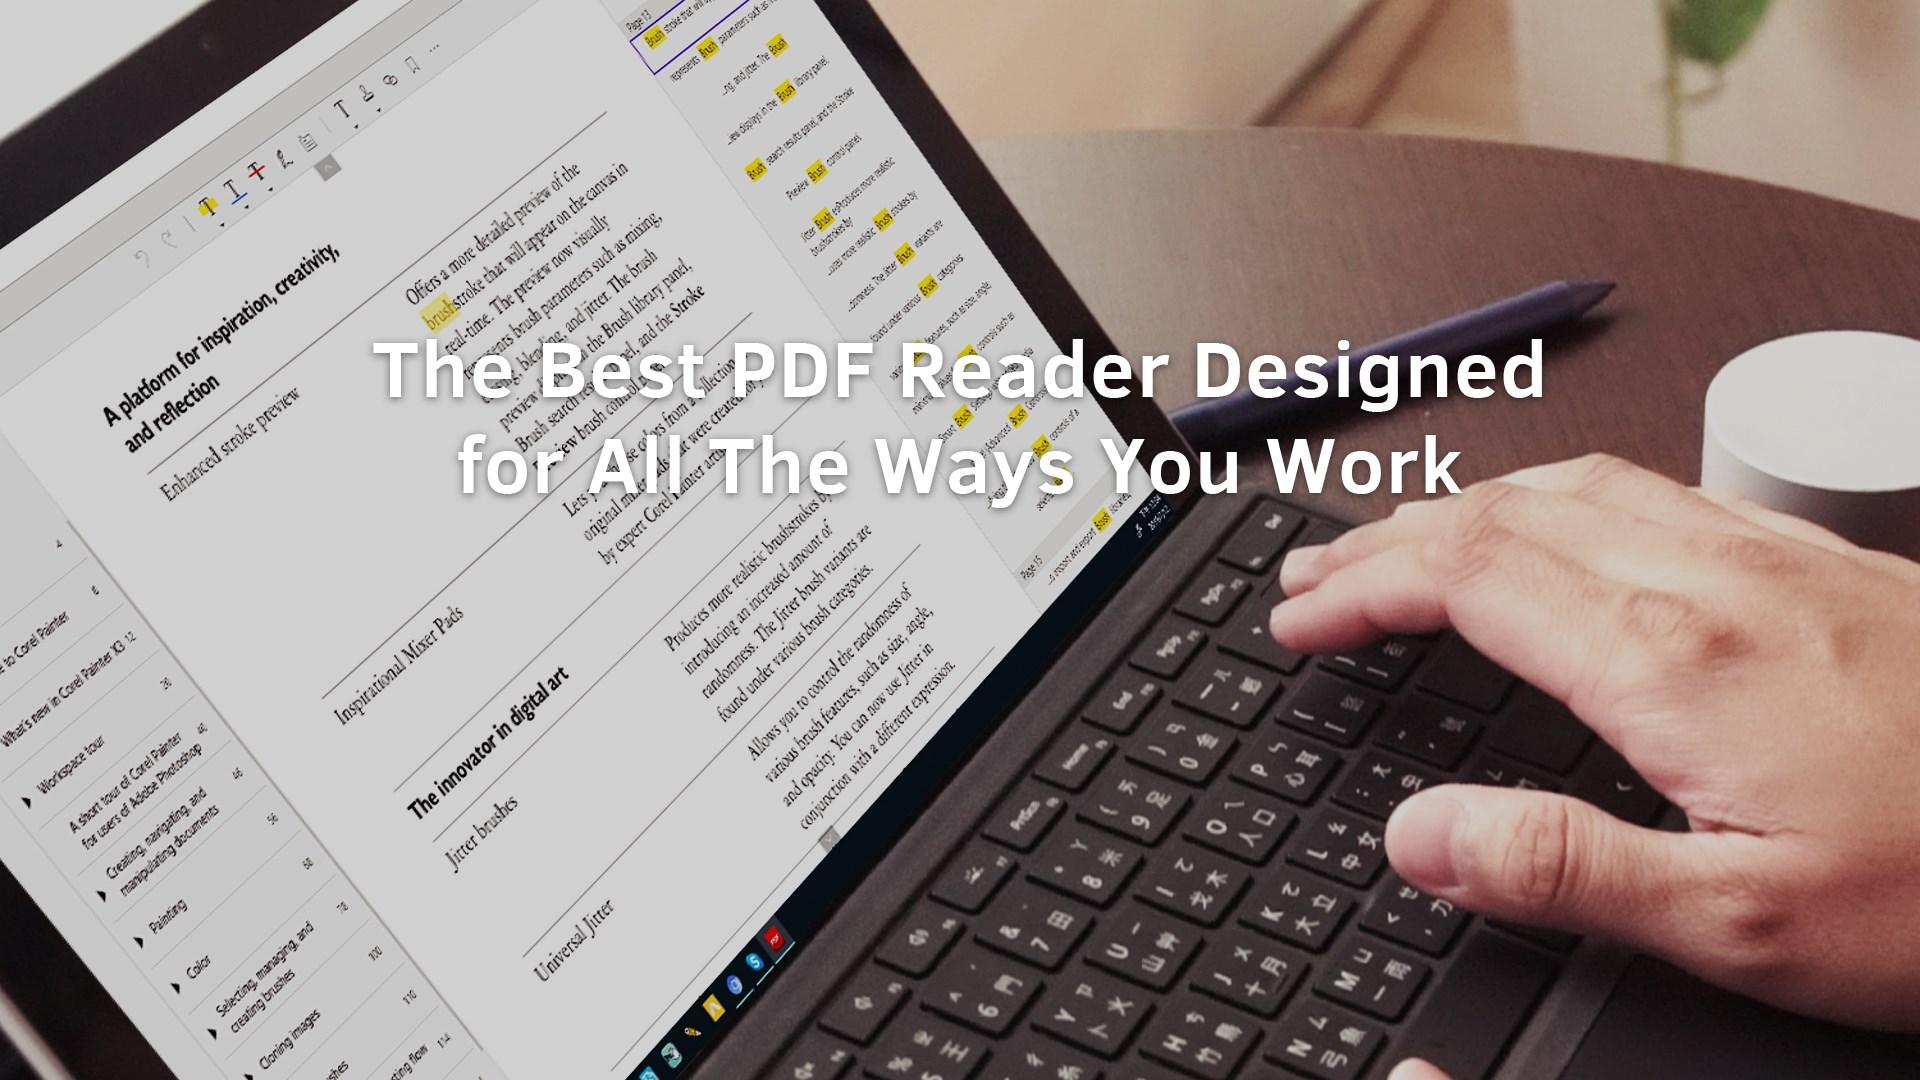 adobe pdf download pc